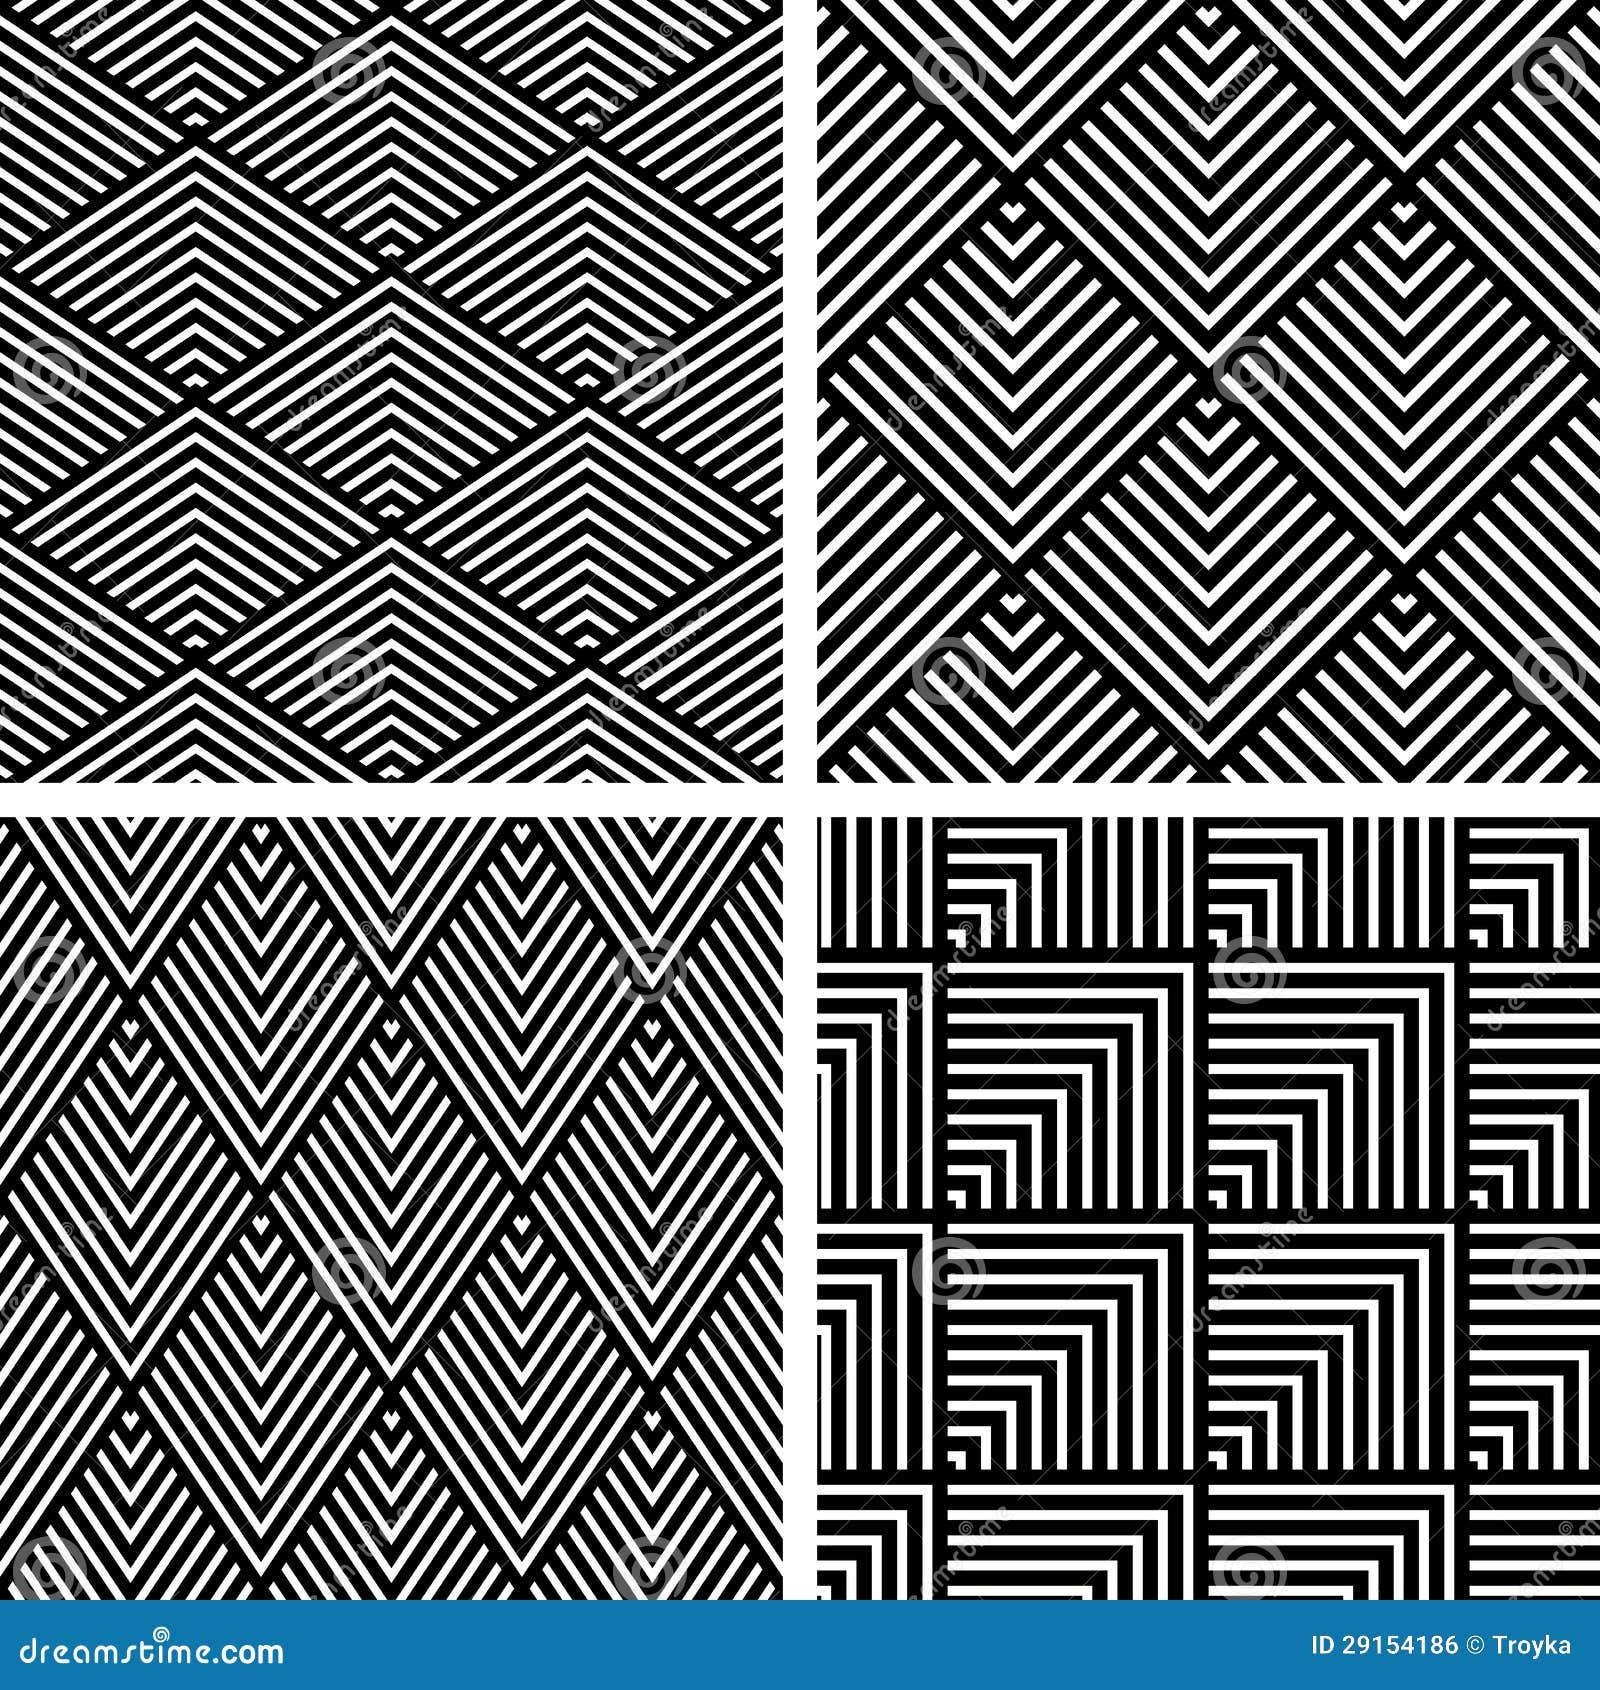 nahtlose geometrische muster eingestellt lizenzfreies stockbild bild 29154186. Black Bedroom Furniture Sets. Home Design Ideas